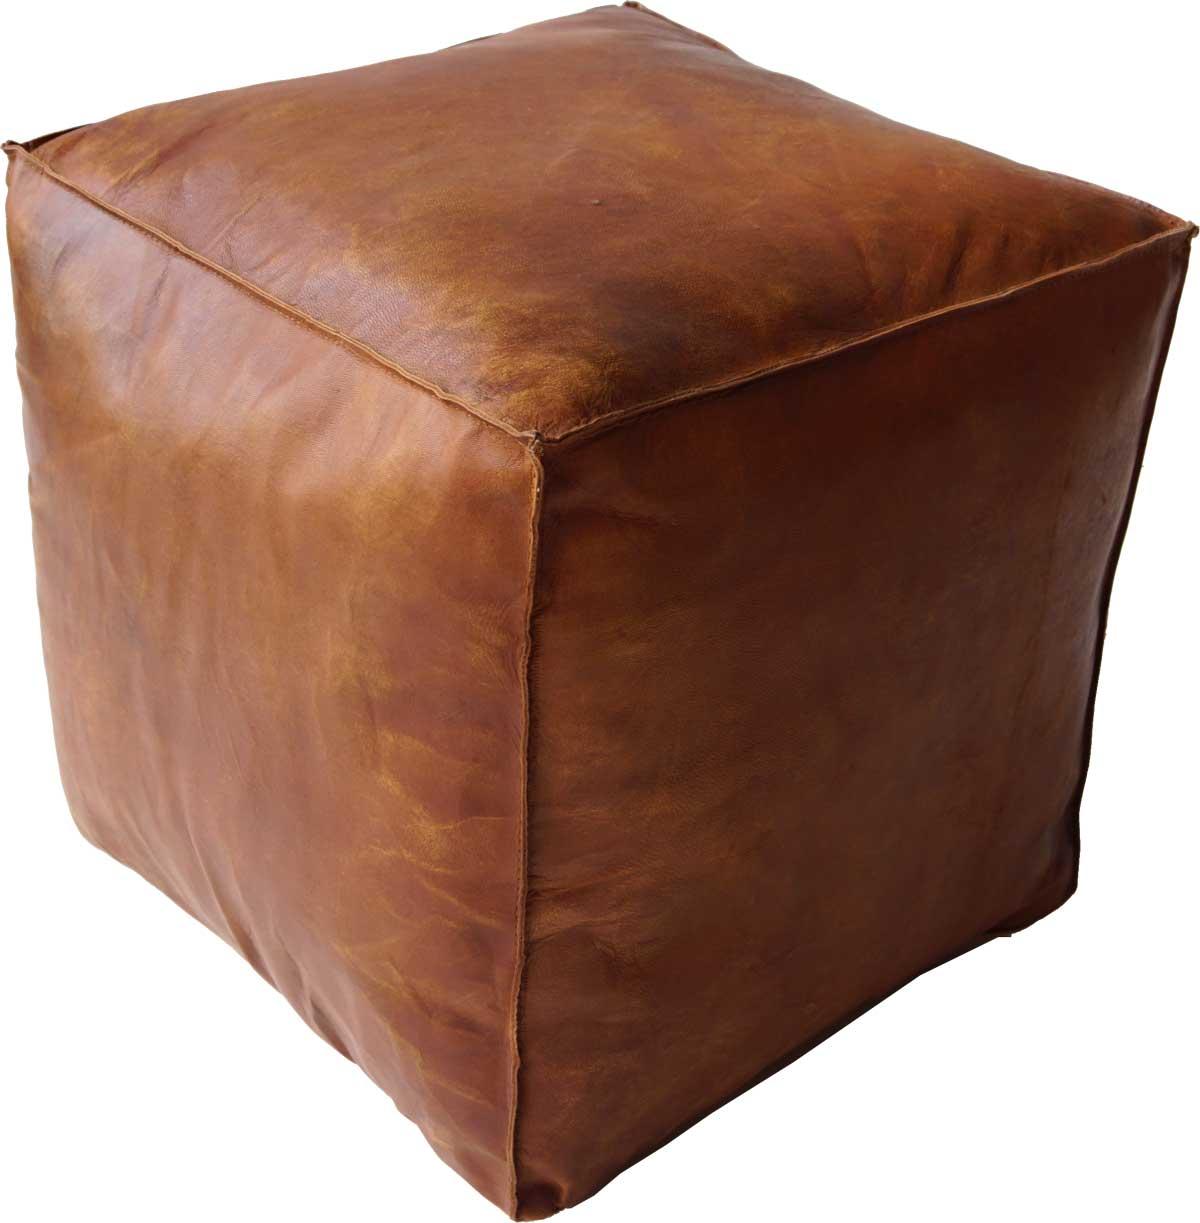 Billede af TRADEMARK LIVING Cool kvadratisk læderpuf i brun